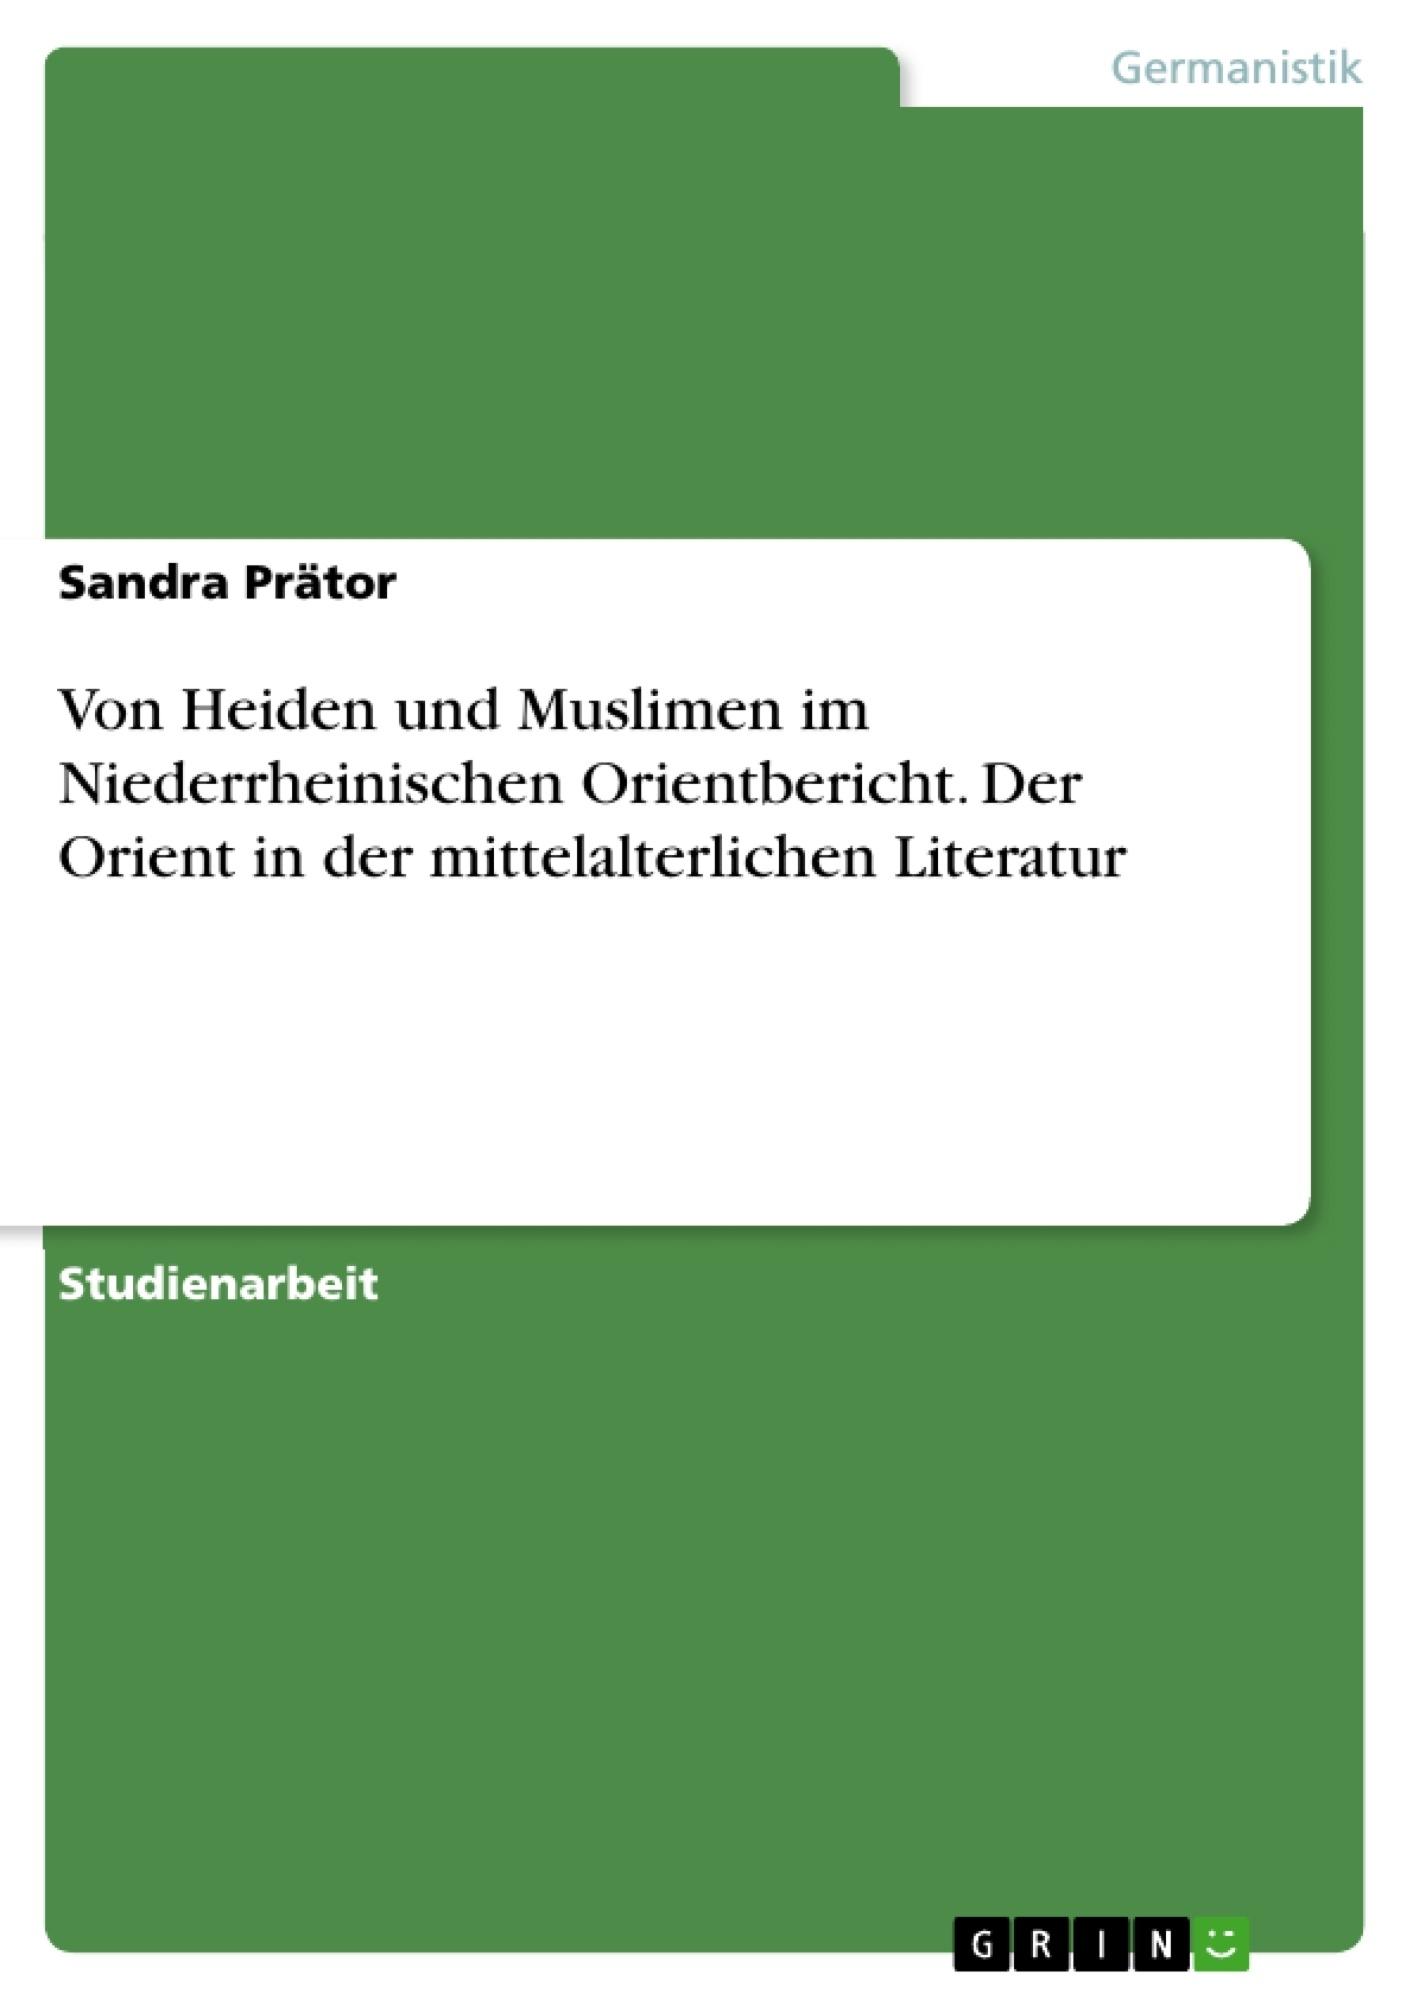 Titel: Von Heiden und Muslimen im Niederrheinischen Orientbericht. Der Orient in der mittelalterlichen Literatur